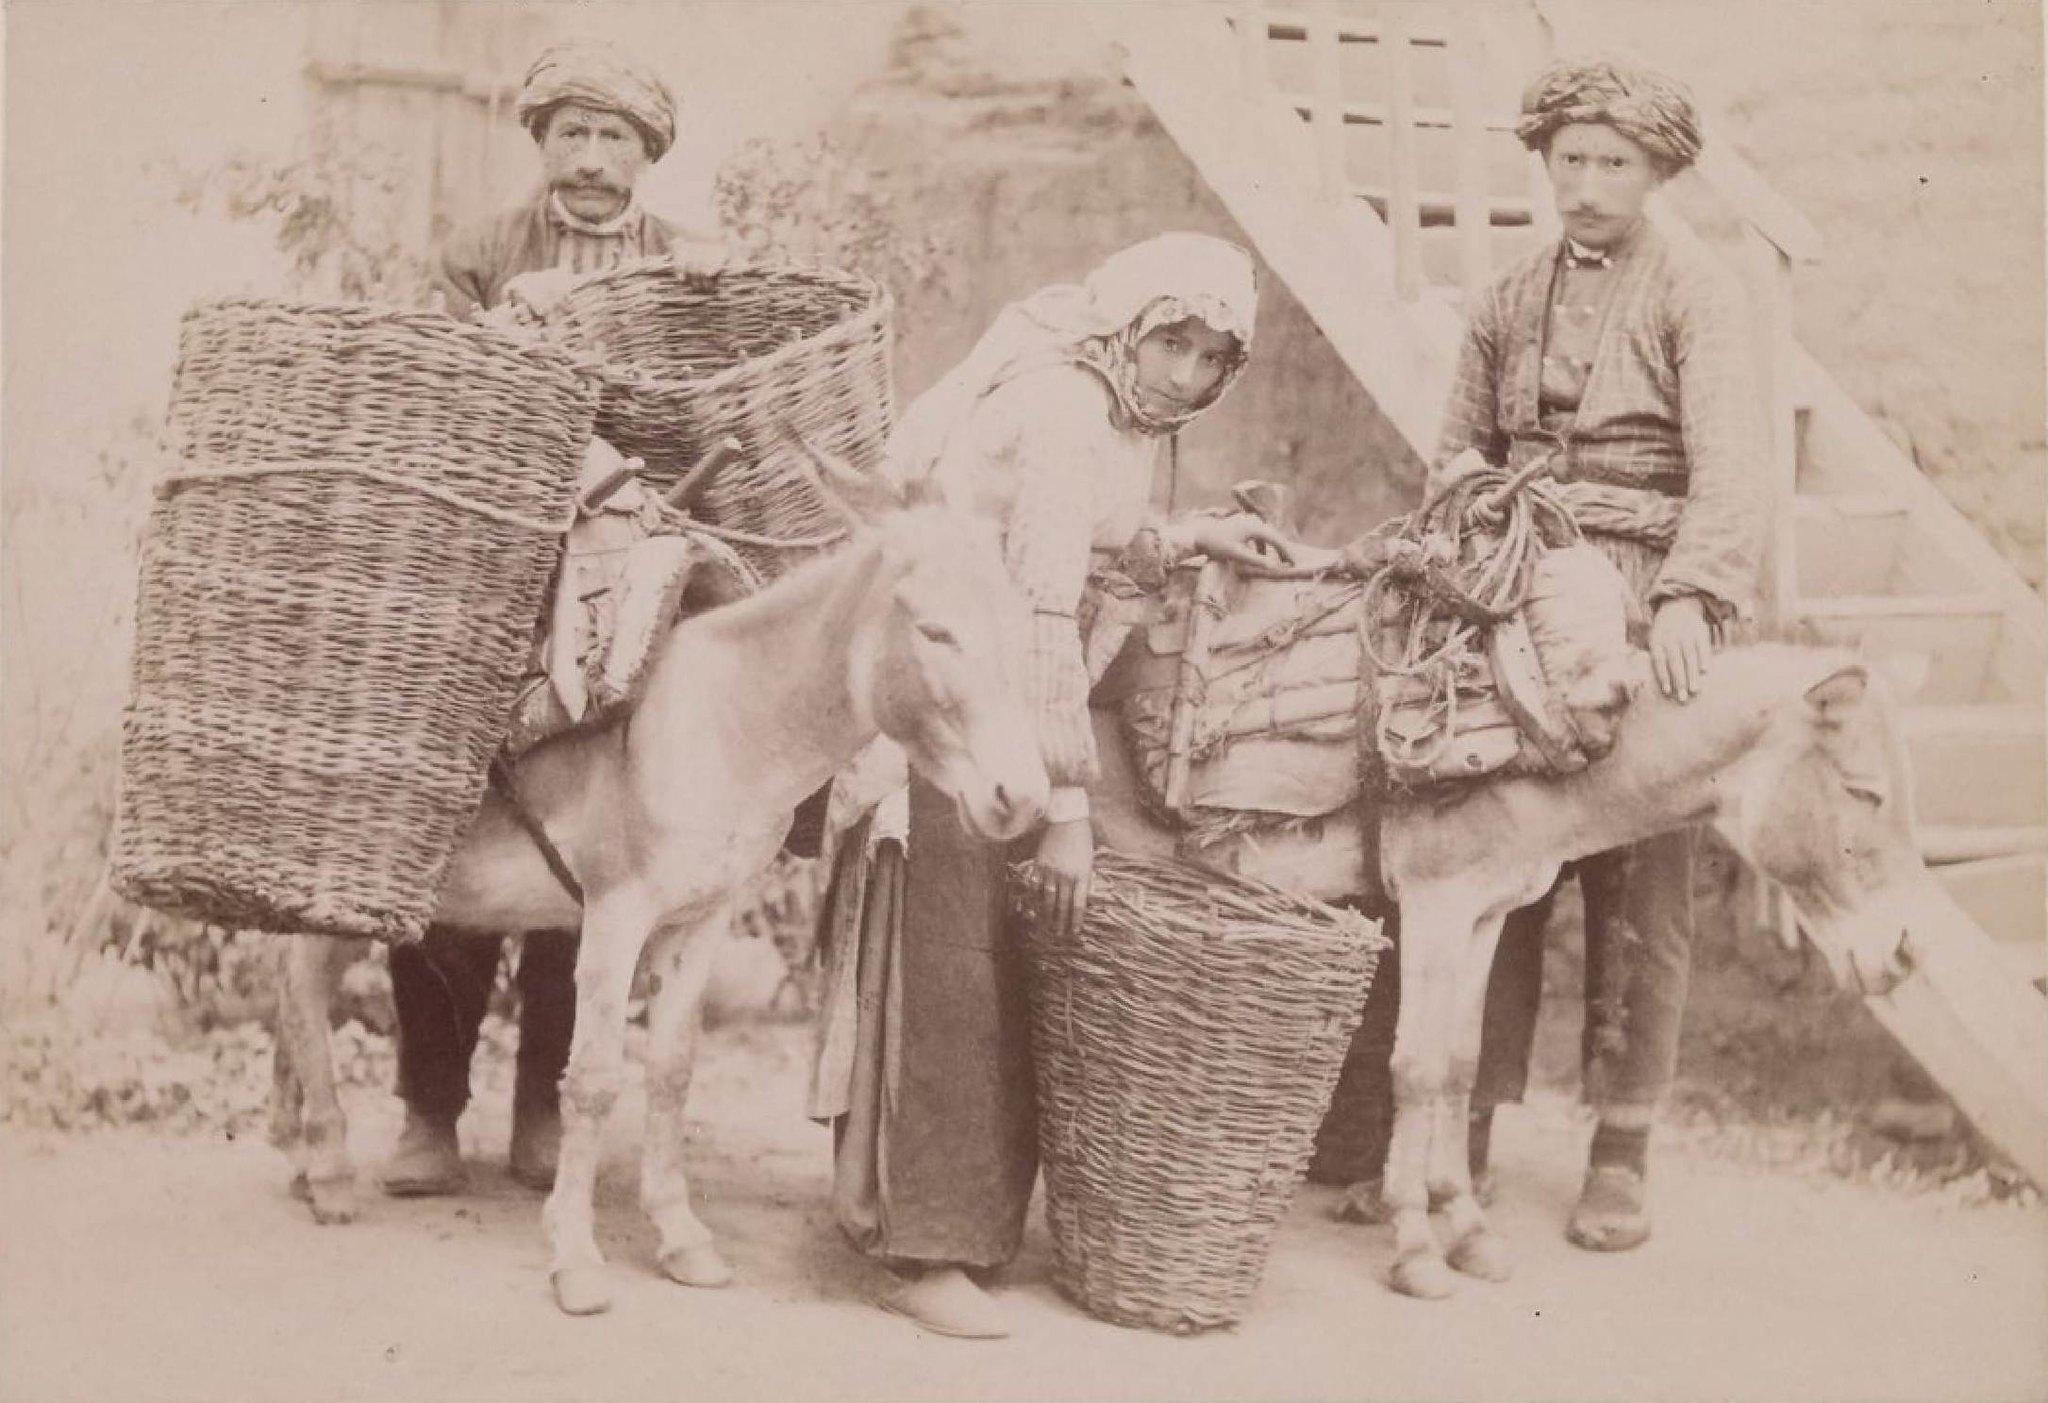 05. Карсская область. Кагызман. Турки при навьючивании корзин с фруктами